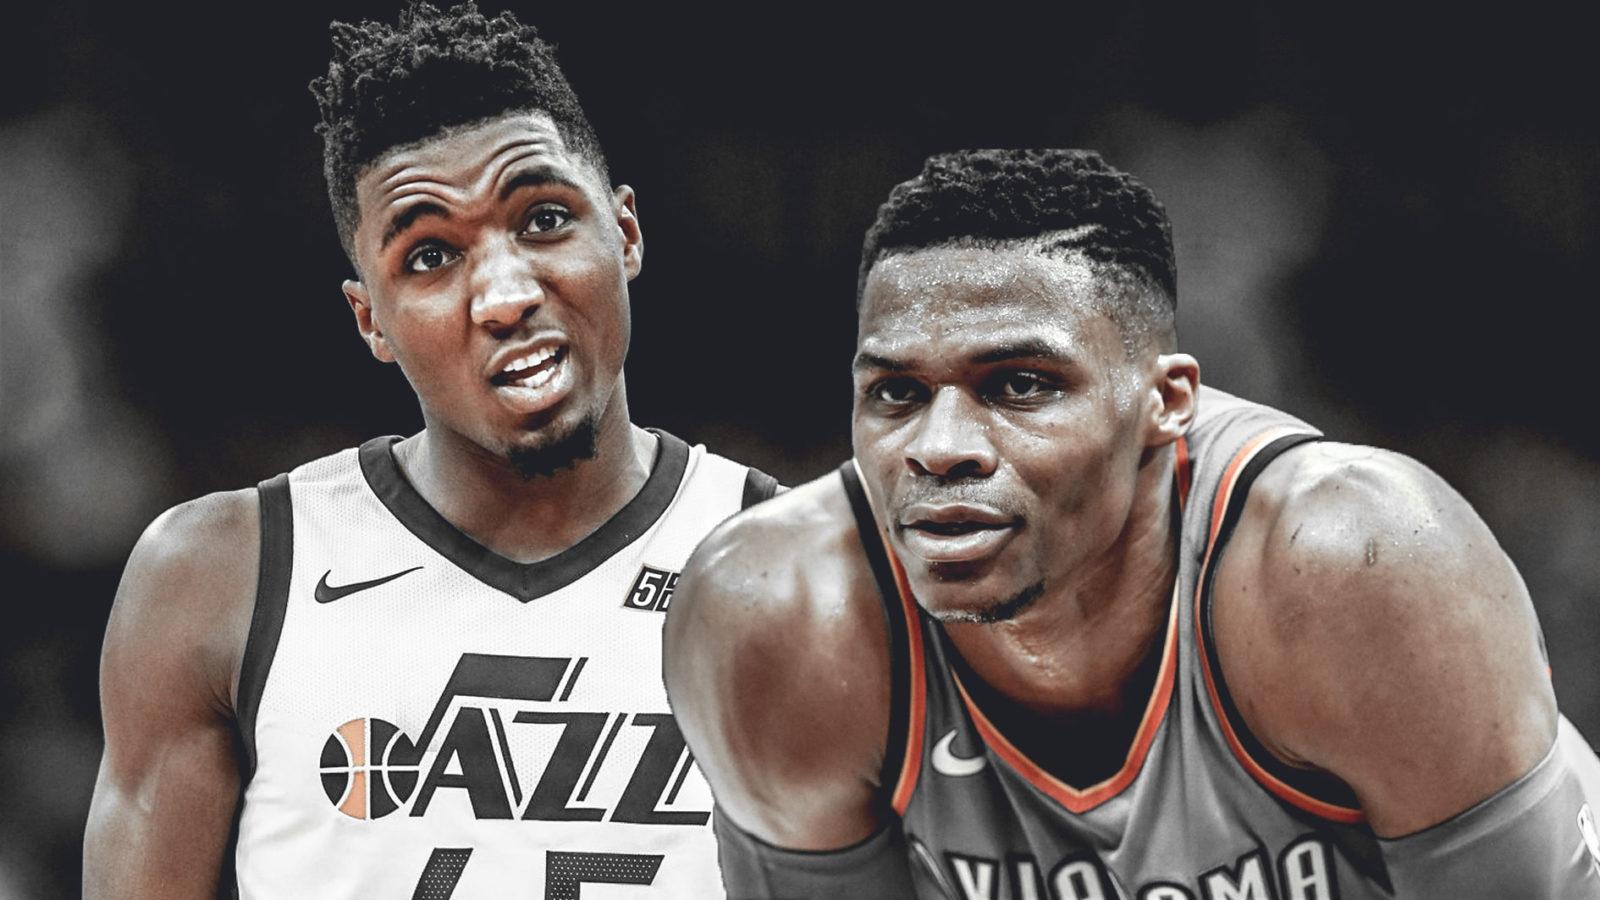 Utah Jazz nhẹ nhàng chiến thắng Oklahoma City Thunder  trên sân nhà